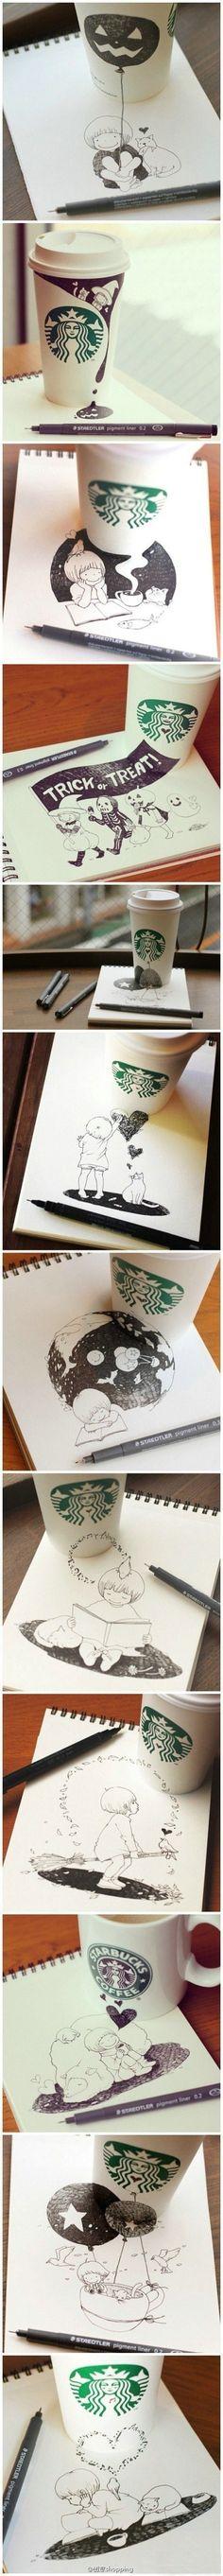 Starbucks doodle